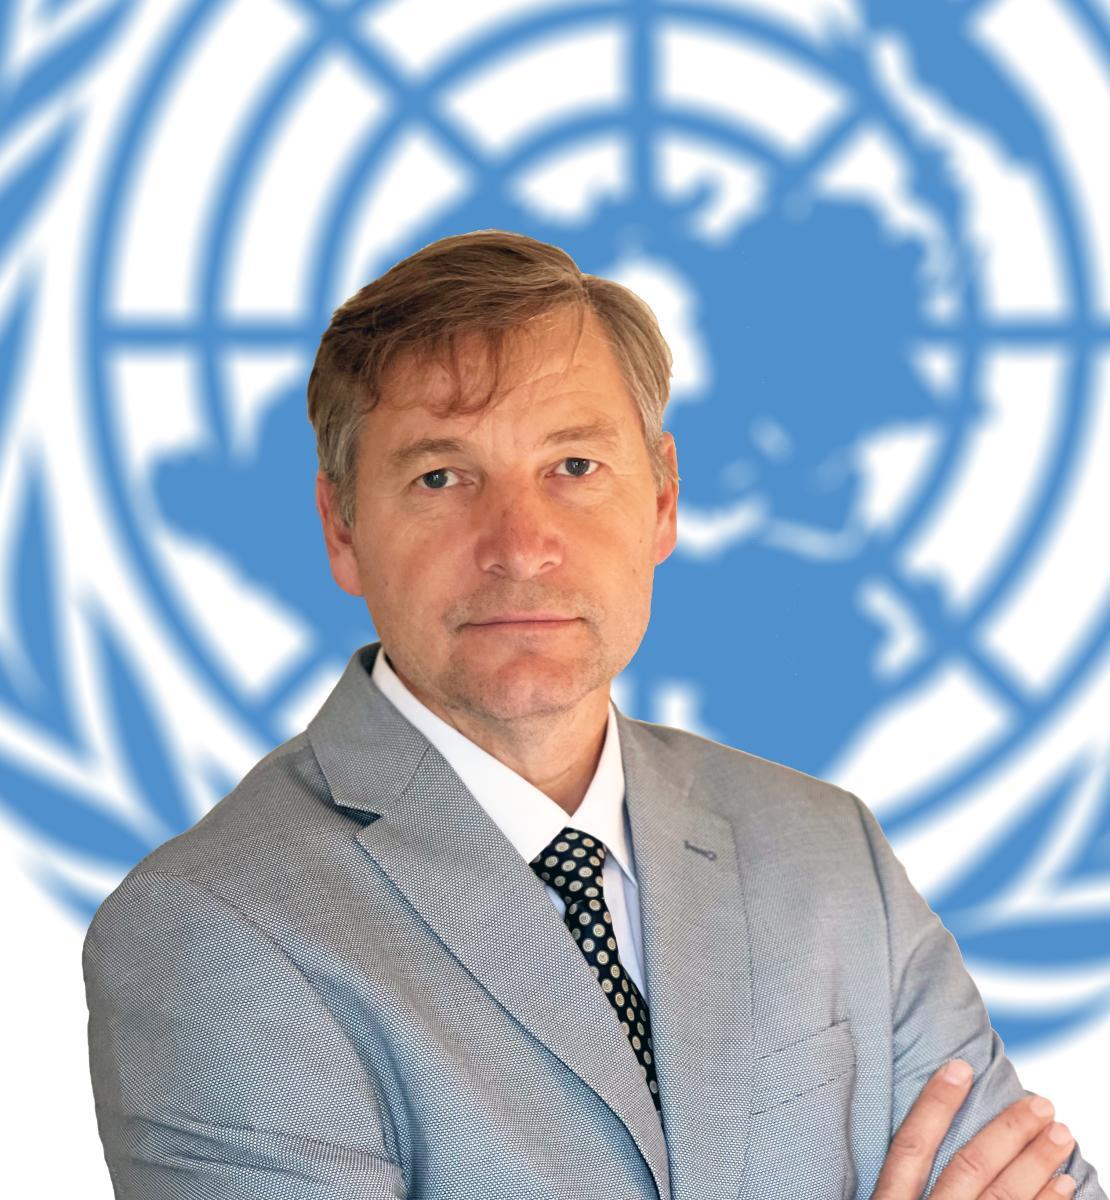 Un hombre, con un traje gris, con los brazos cruzados mira directamente a la cámara con el emblema de las Naciones Unidas como fondo.